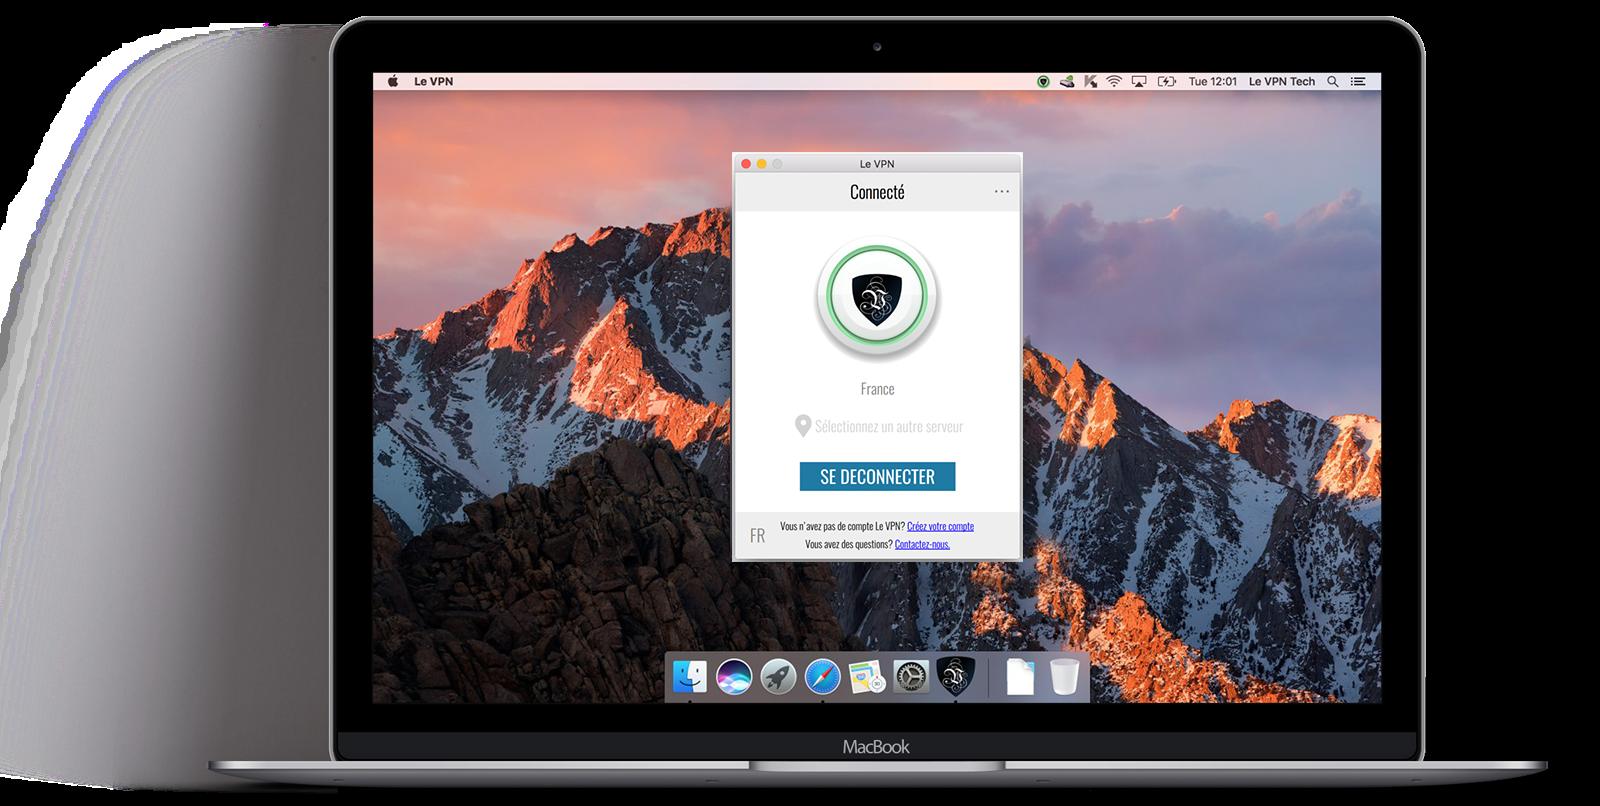 Le VPN Mac | Le VPN pour Mac | Le VPN sur Mac | Connexion VPN Mac